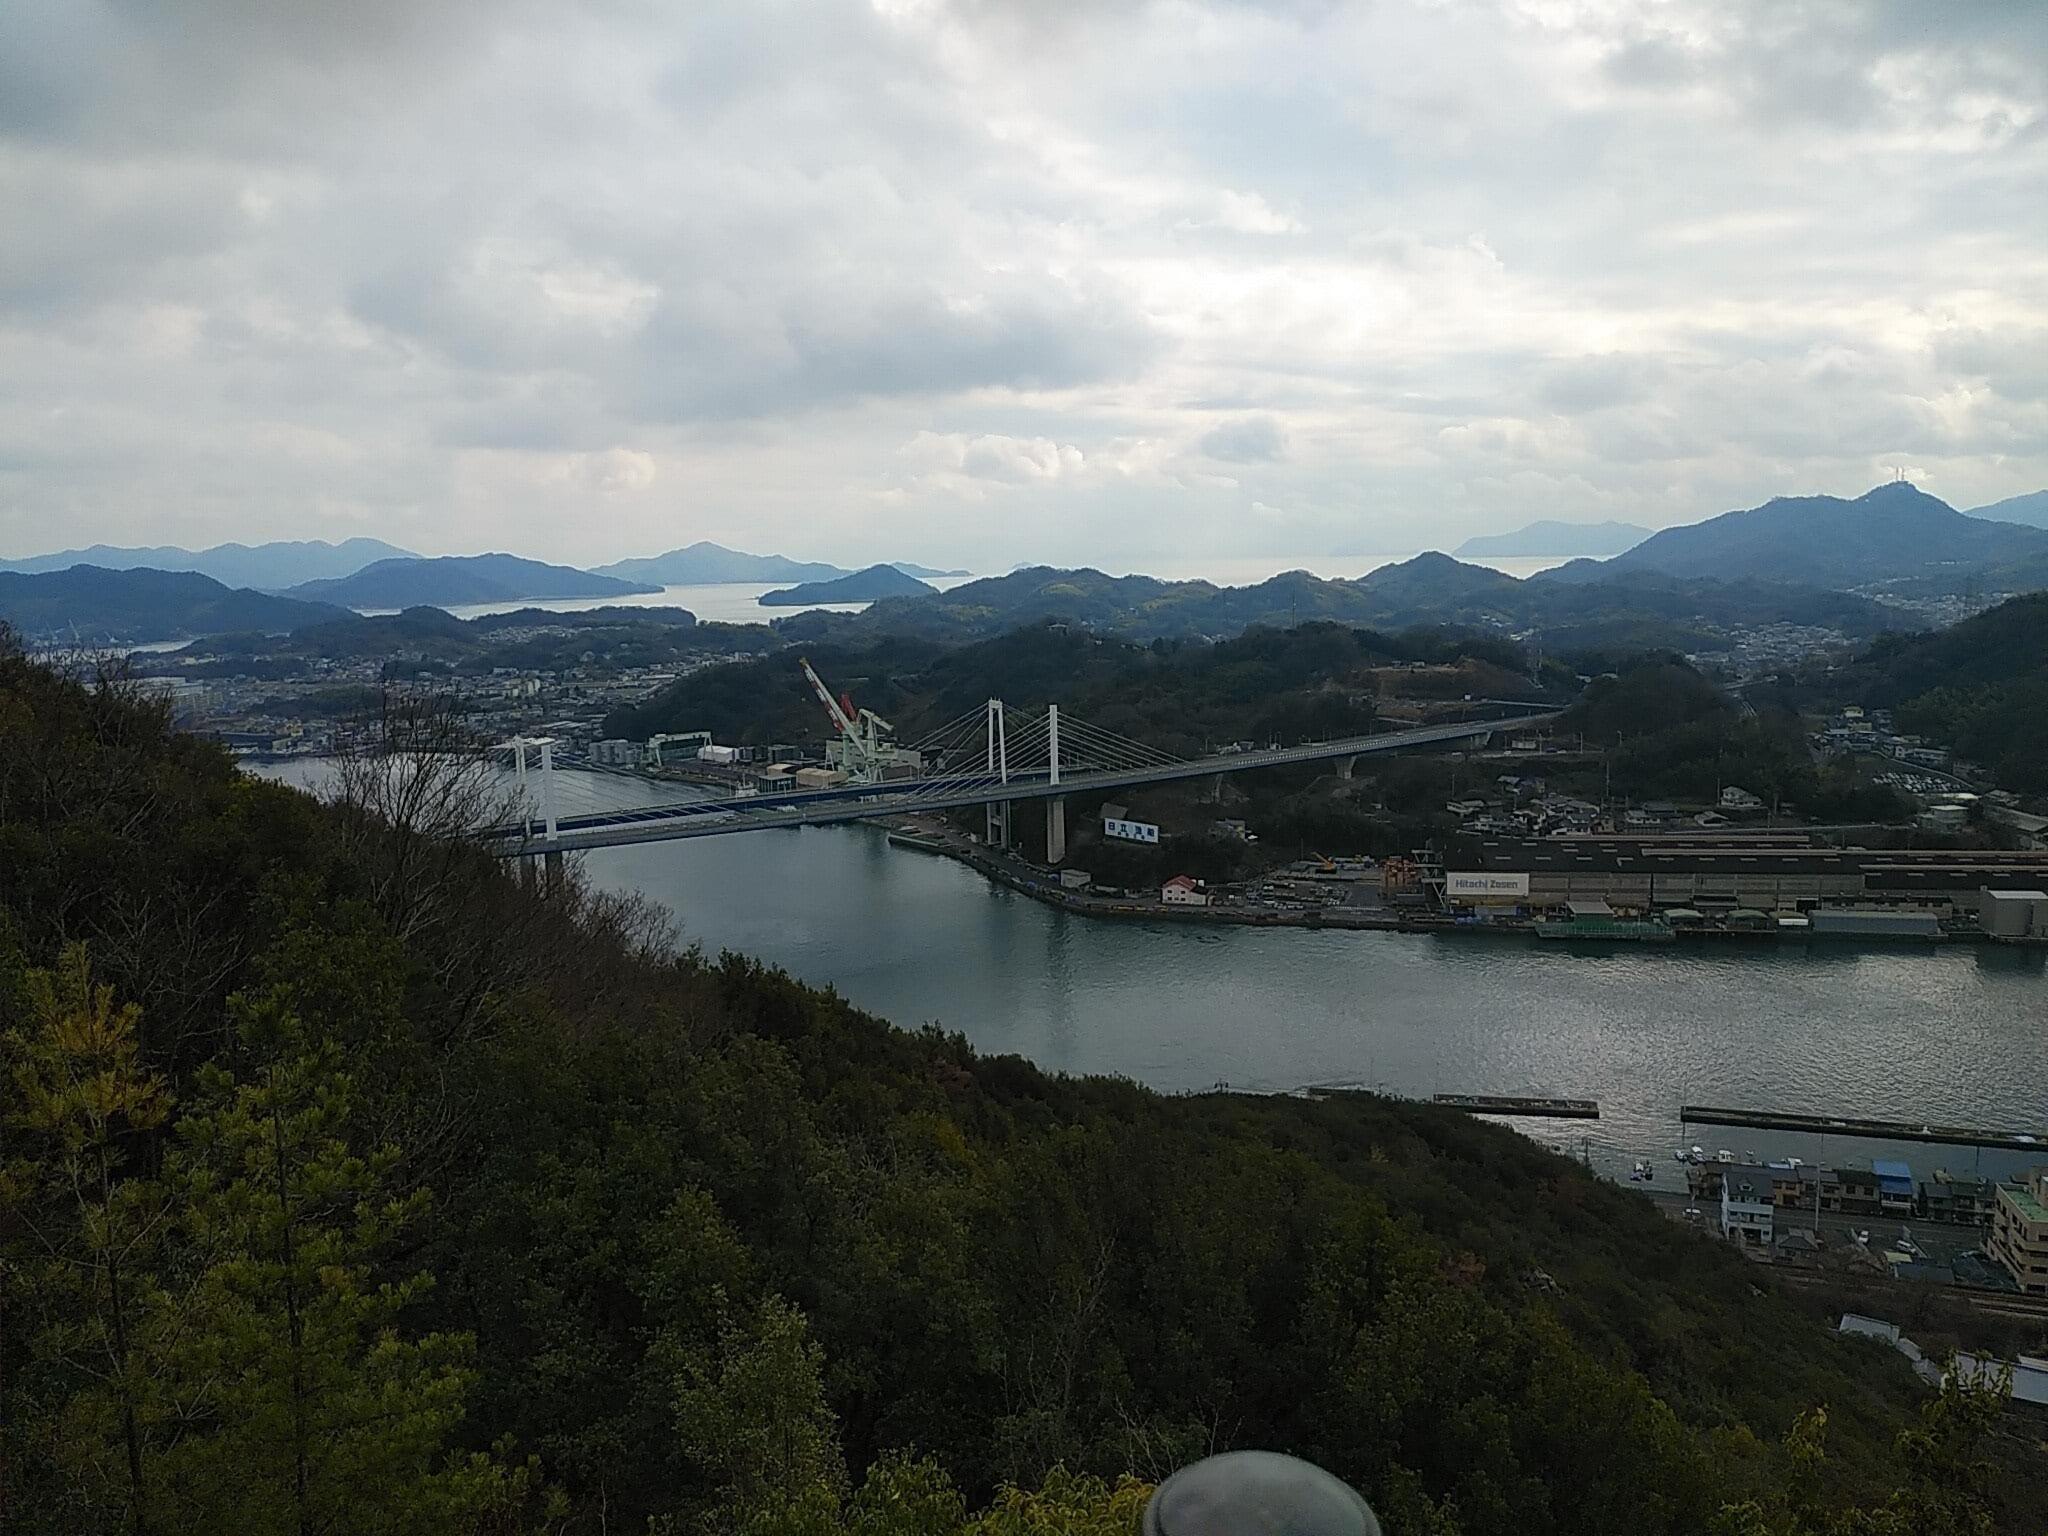 広島里山あるき「ひょんのき横あるき」チケット3月28日日曜日尾道市浄土寺山と猫の小路のイメージその4